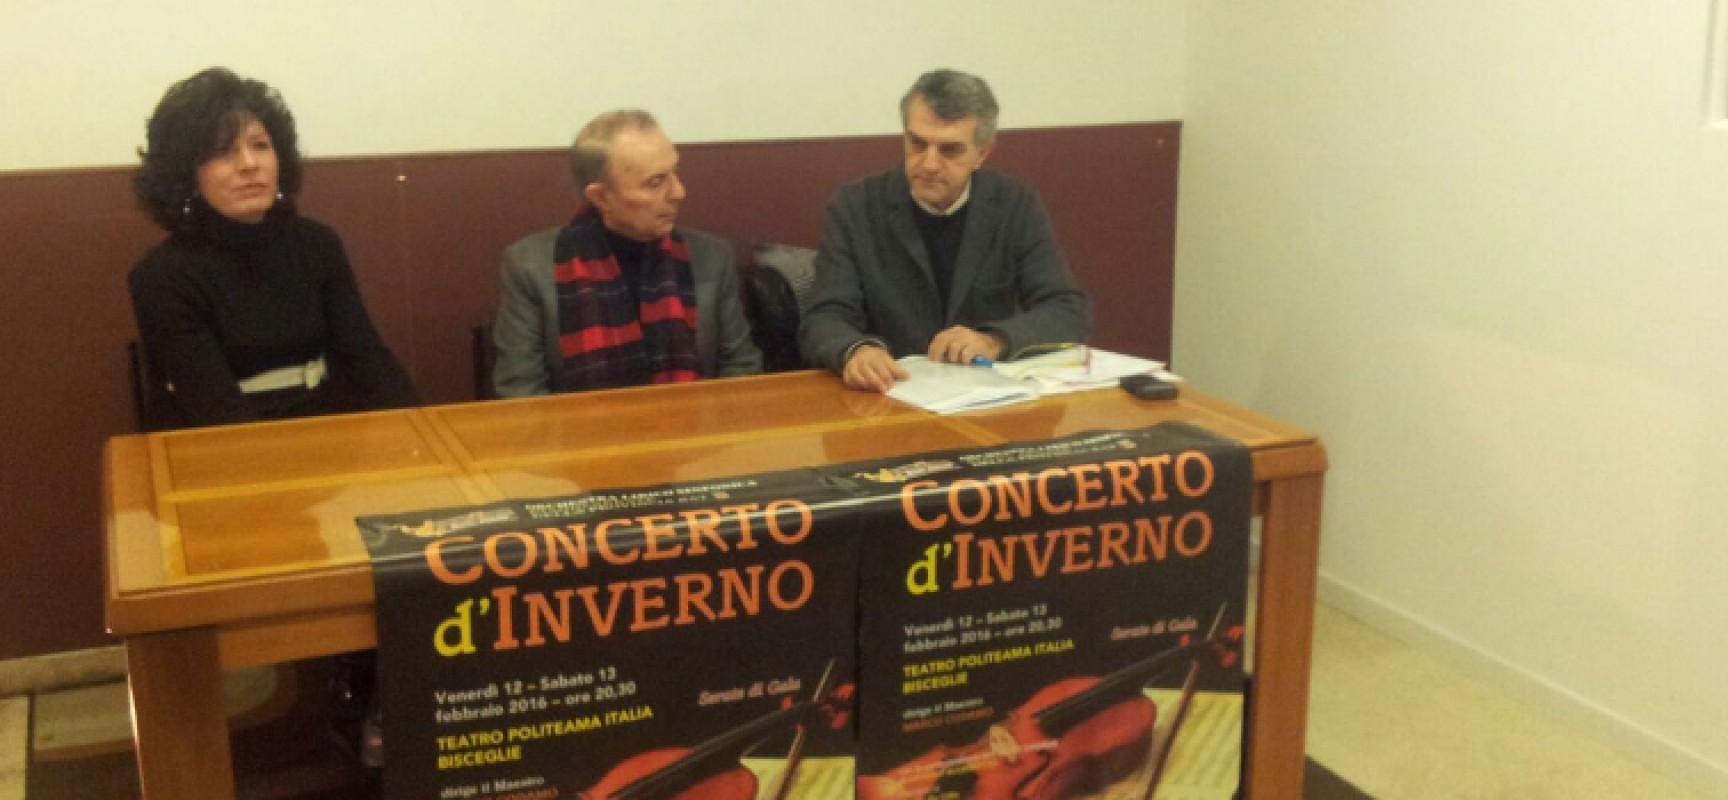 Presentato il Concerto d'Inverno, la Fondazione Biagio Abbate pronta per la doppia serata di gala